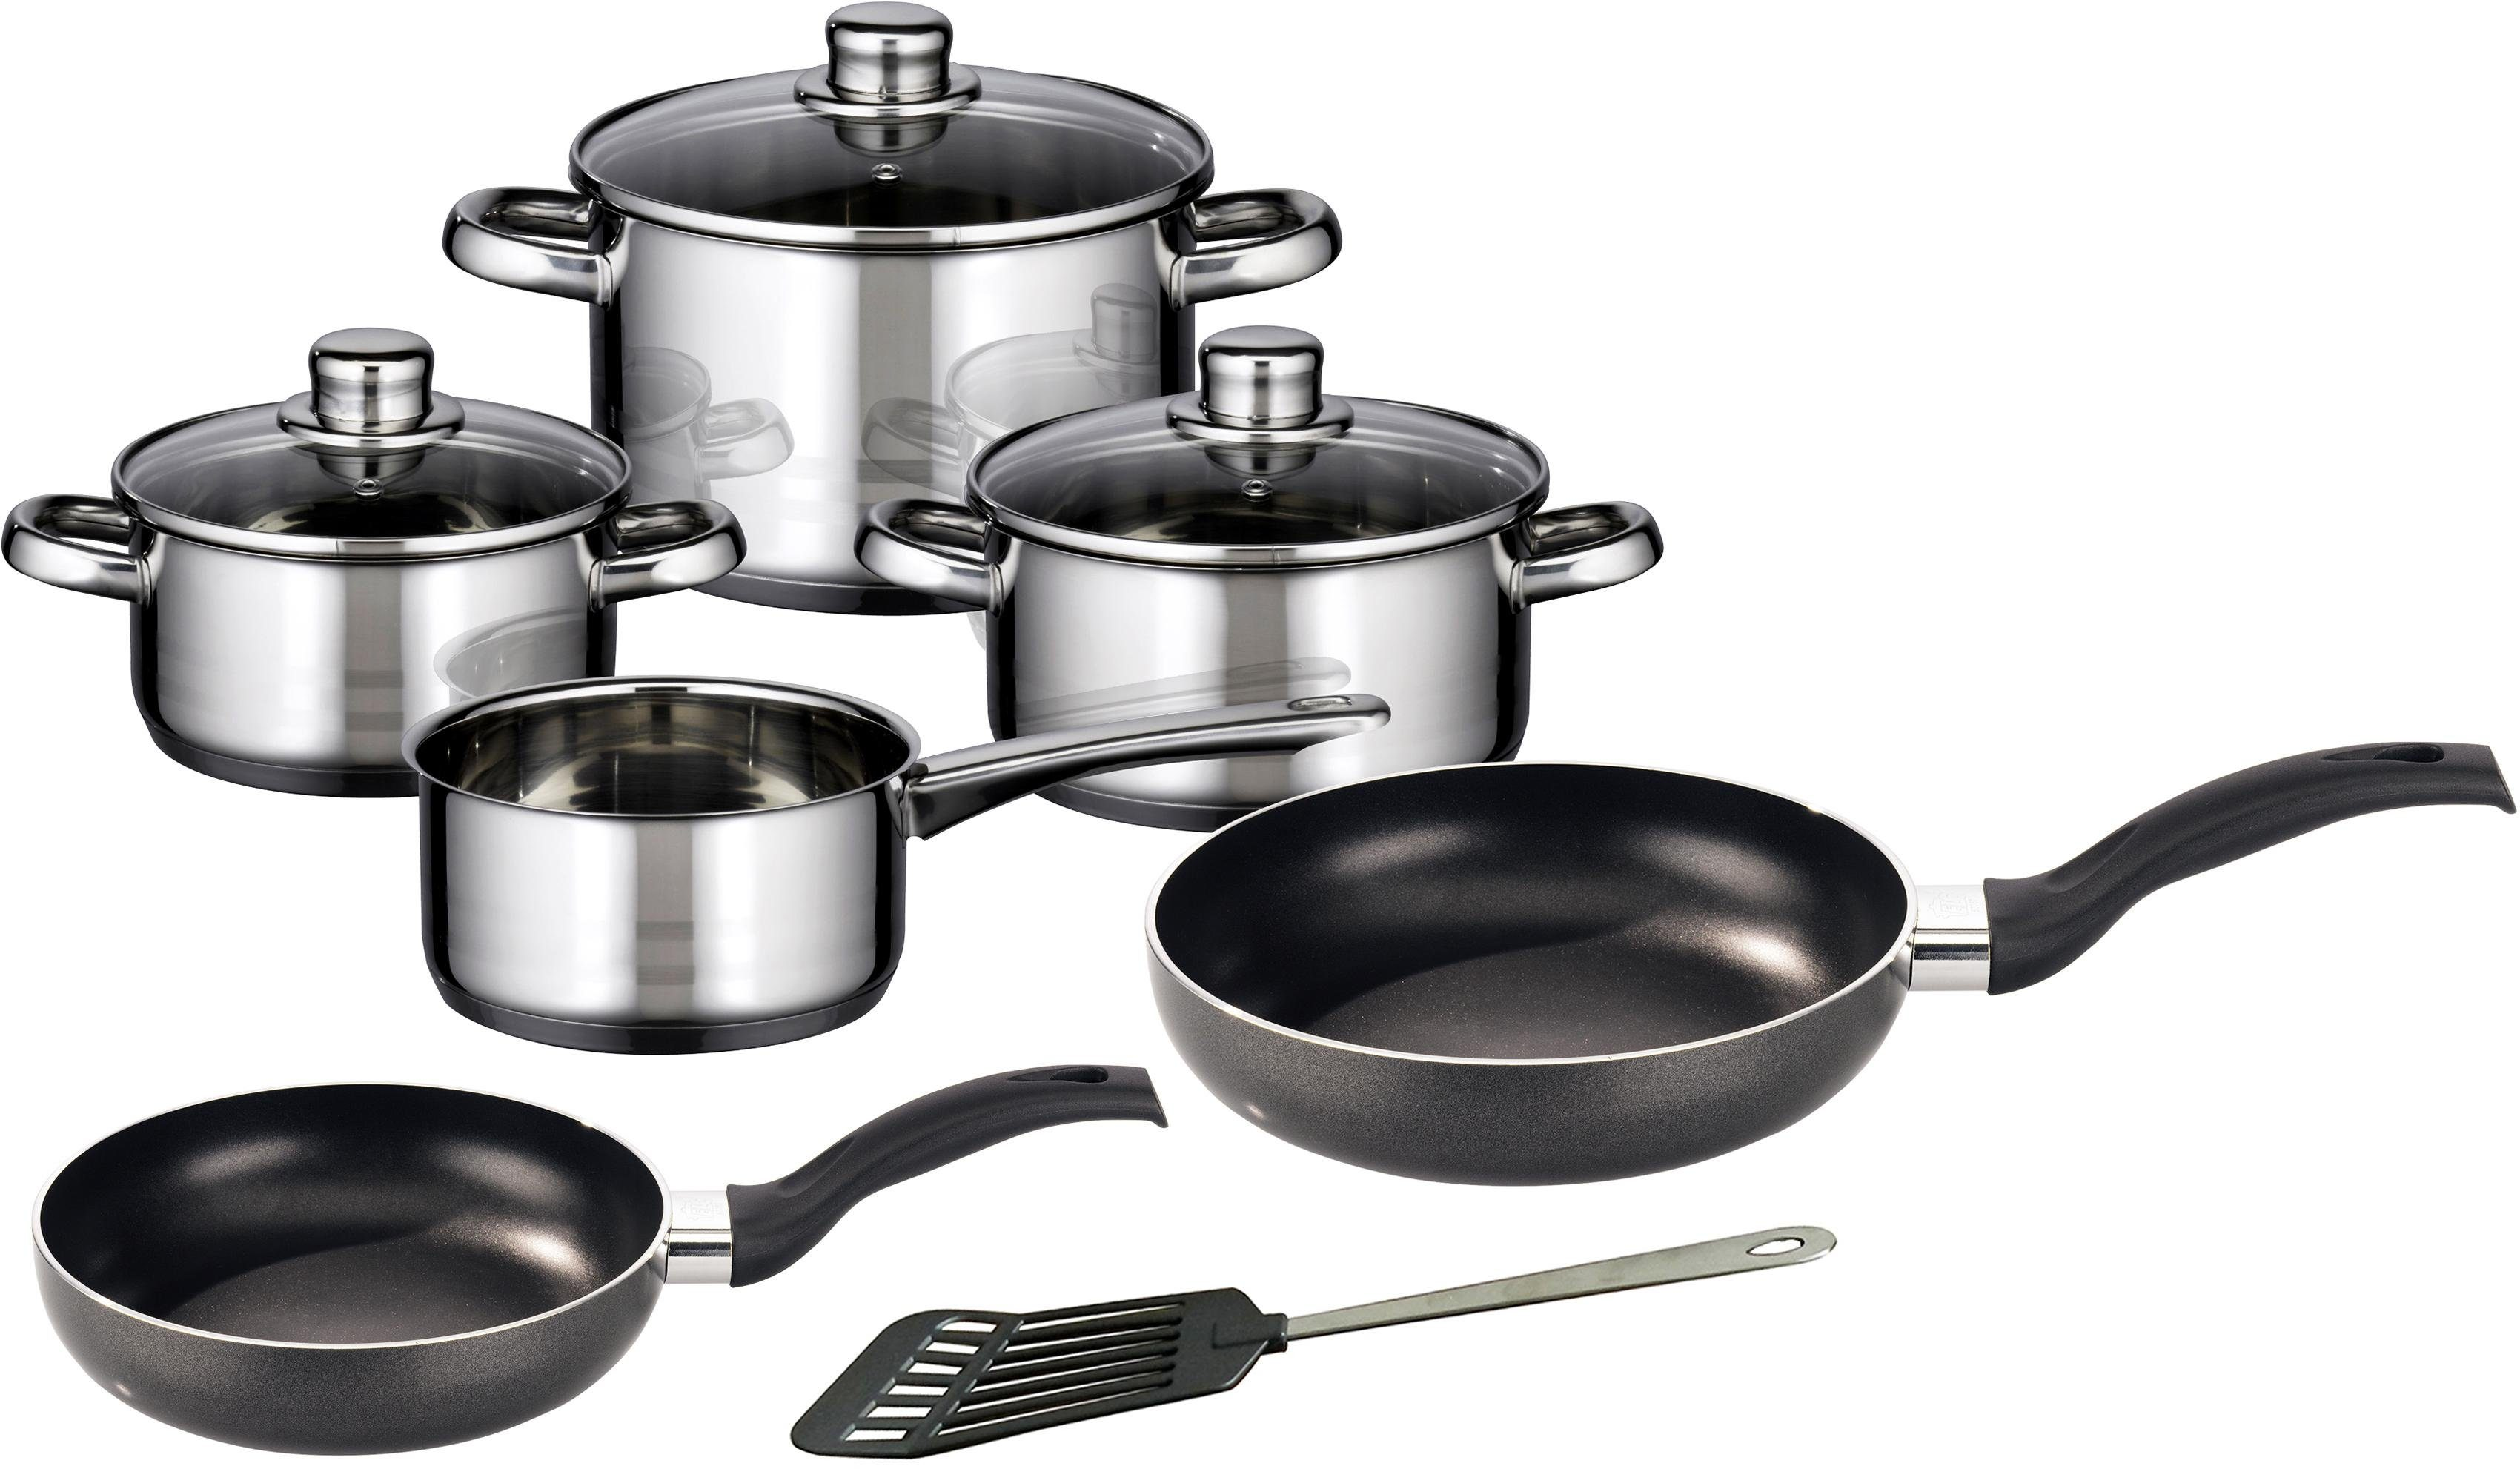 Meine Küche Topf-Set, 7-teilig, + Pfannen-Set, 2-teilig, Pfannenwender, Induktion, »Skyline«